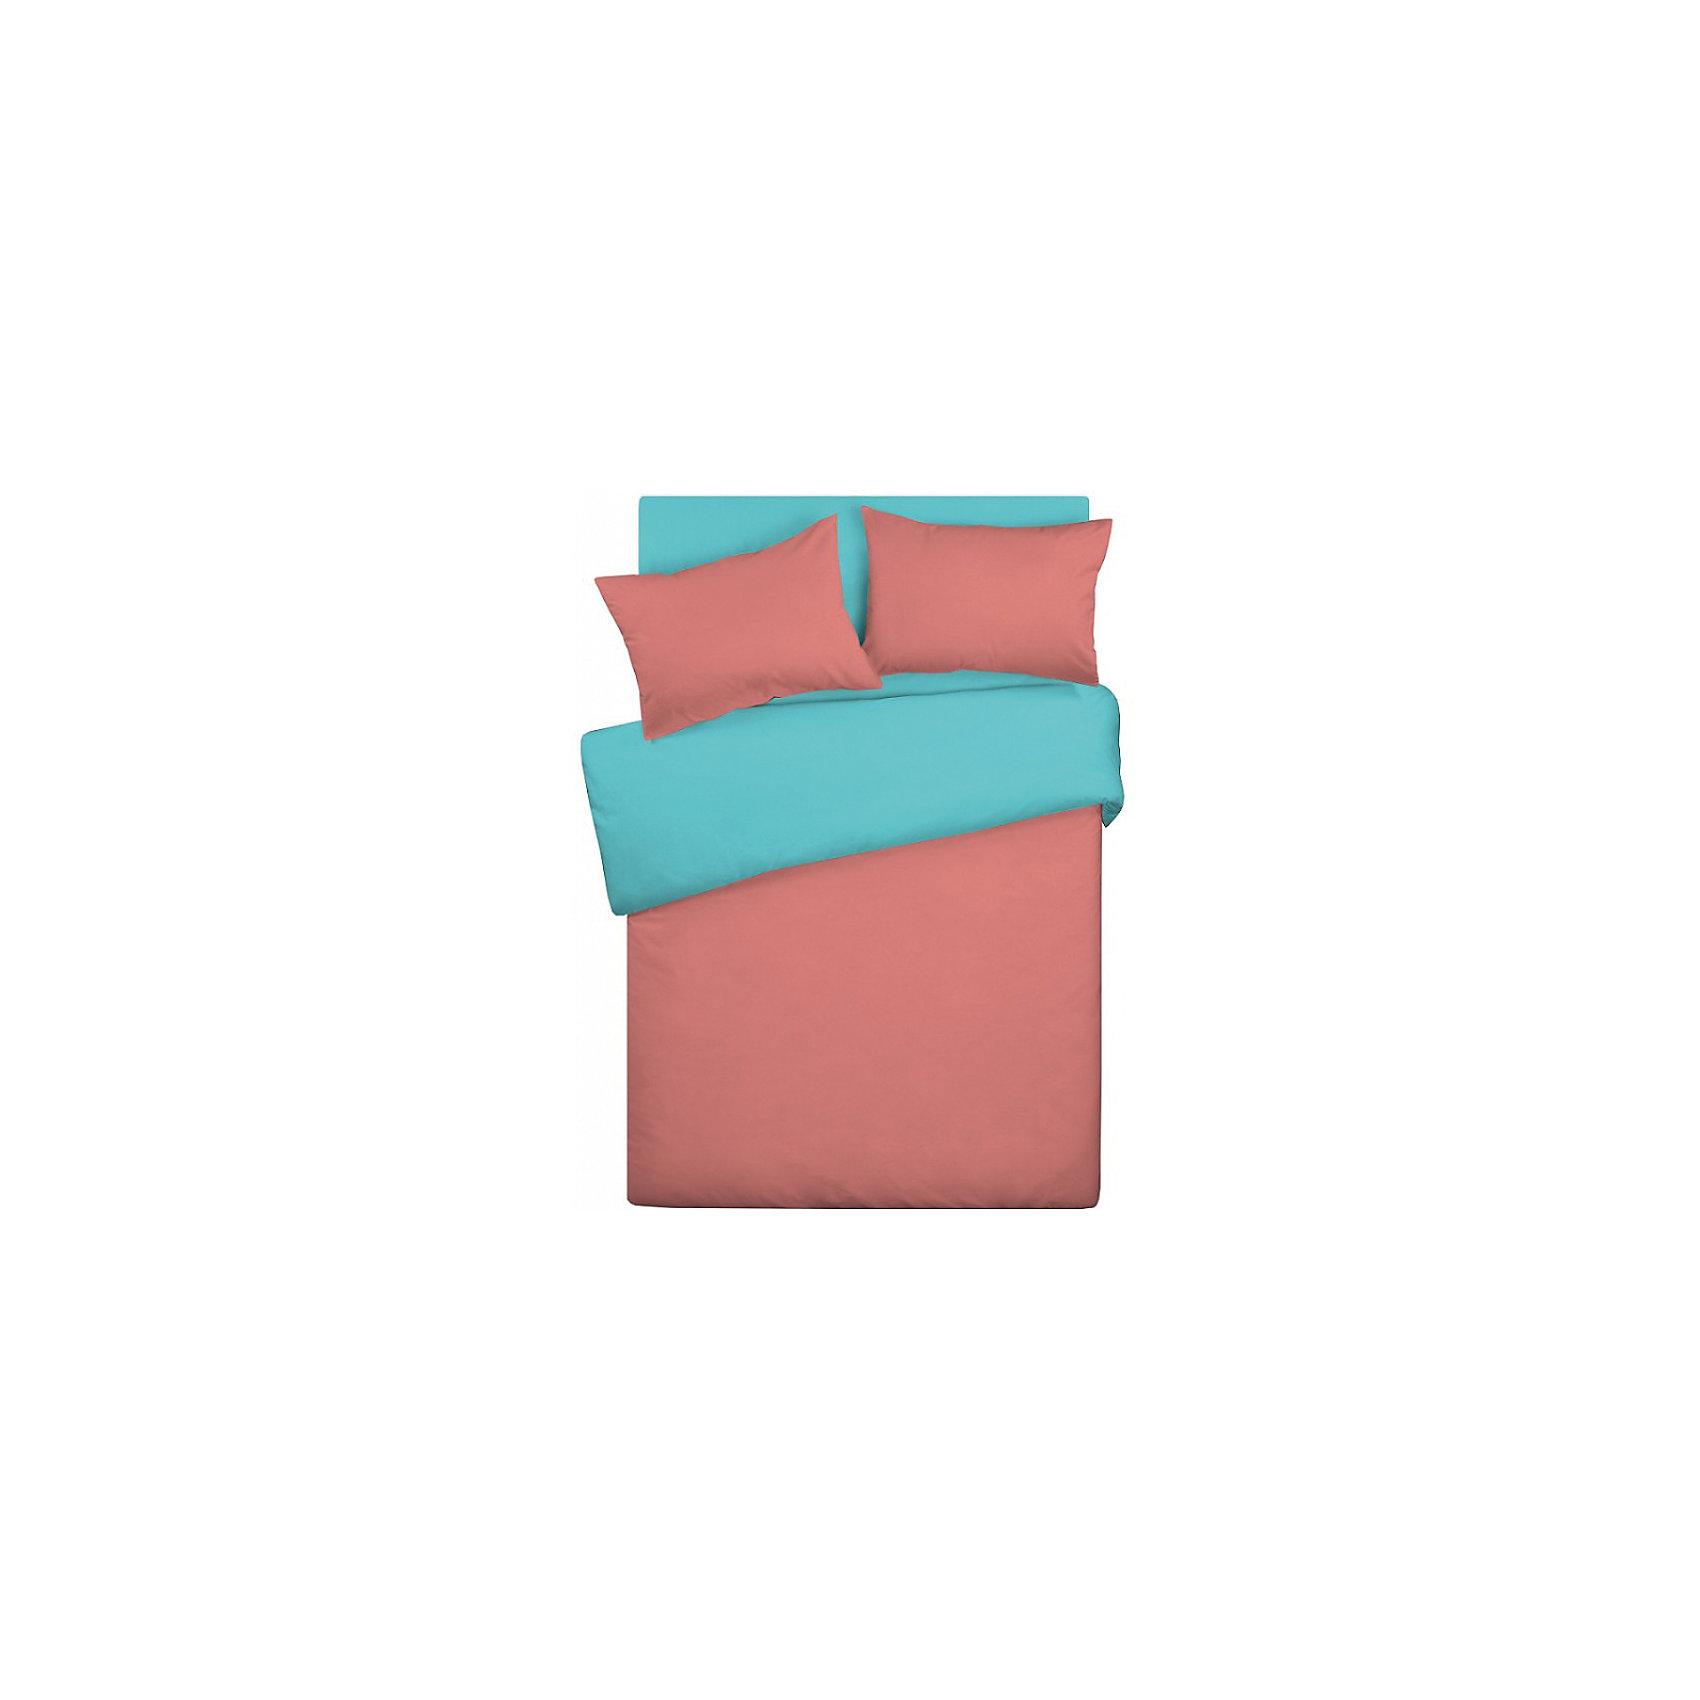 Постельное белье 2,0 сп. Wenge Uno, бруснично-бирюзовыйВзрослое постельное бельё<br>Характеристики 2-хспального комплекта постельного белья   Wenge Uno  БИО Комфорт, бруснично-бирюзовый:<br><br>- производитель: Неотек<br>- материал: бязь<br>- состав: 100% хлопок<br>- размер комплекта: двуспальный<br>- размер пододеяльника: 215*175 см.<br>- размер простыни: 220*240 см.<br>- размер наволочек: 70*70 (2 шт)<br>- упаковка комплекта: книжка пвх<br>- страна бренда: Россия<br>- страна производитель: Россия<br><br>Устали от пестрых комплектов постельного белья? Предпочитаете минималистский стиль в интерьере? Ваше решение - купить удобное однотонное постельное белье и постельные принадлежности серии Wenge Uno. Разнообразные сочетания оттенков в комплекте и наличие в серии отдельных наволочек, простыней, пододеяльников позволит составить идеальный вариант только для Вас. Постельное белье изготовлено из мягкой хлопковой ткани полотняного переплетения. Белье не линяет, не образует катышков, гладкое и приятное на ощупь. <br><br>Комплекта постельного белья   Wenge Uno  бруснично-бирюзовый серии Wenge Motion можно купить в нашем интернет-магазине.<br><br>Ширина мм: 370<br>Глубина мм: 70<br>Высота мм: 370<br>Вес г: 2100<br>Возраст от месяцев: 216<br>Возраст до месяцев: 1188<br>Пол: Унисекс<br>Возраст: Детский<br>SKU: 5100135